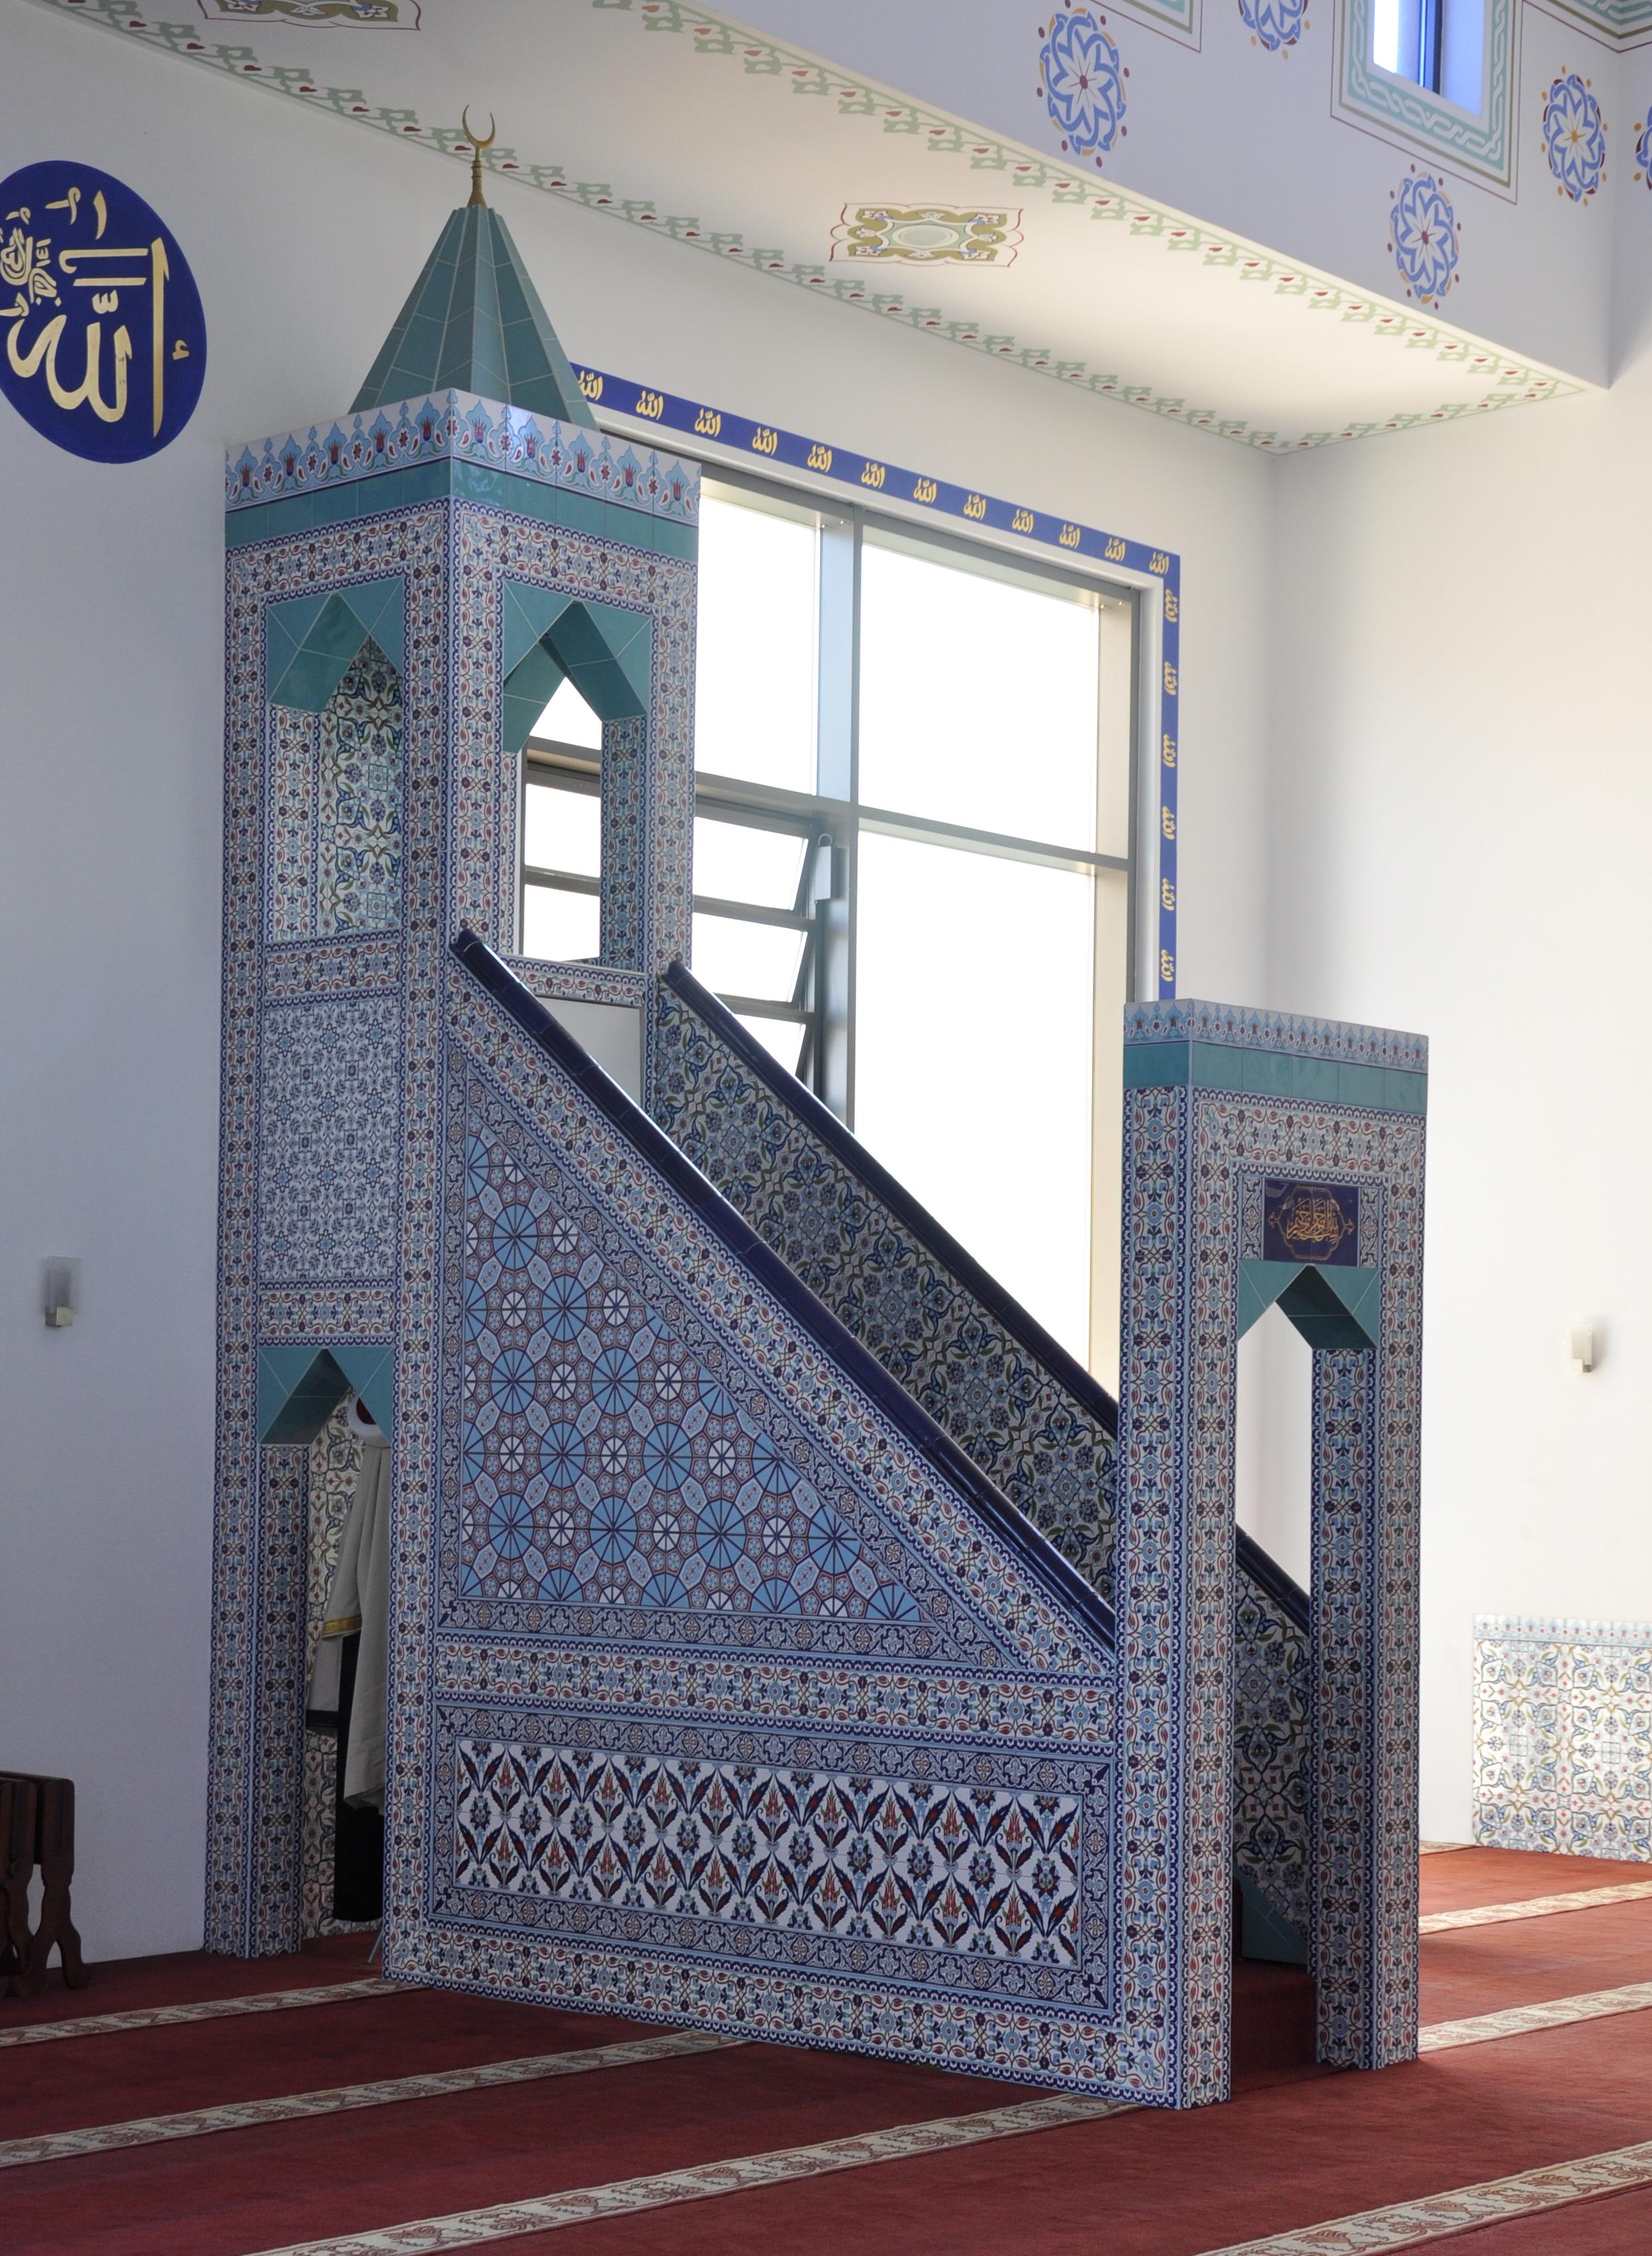 минбар в мечети картинка желанию